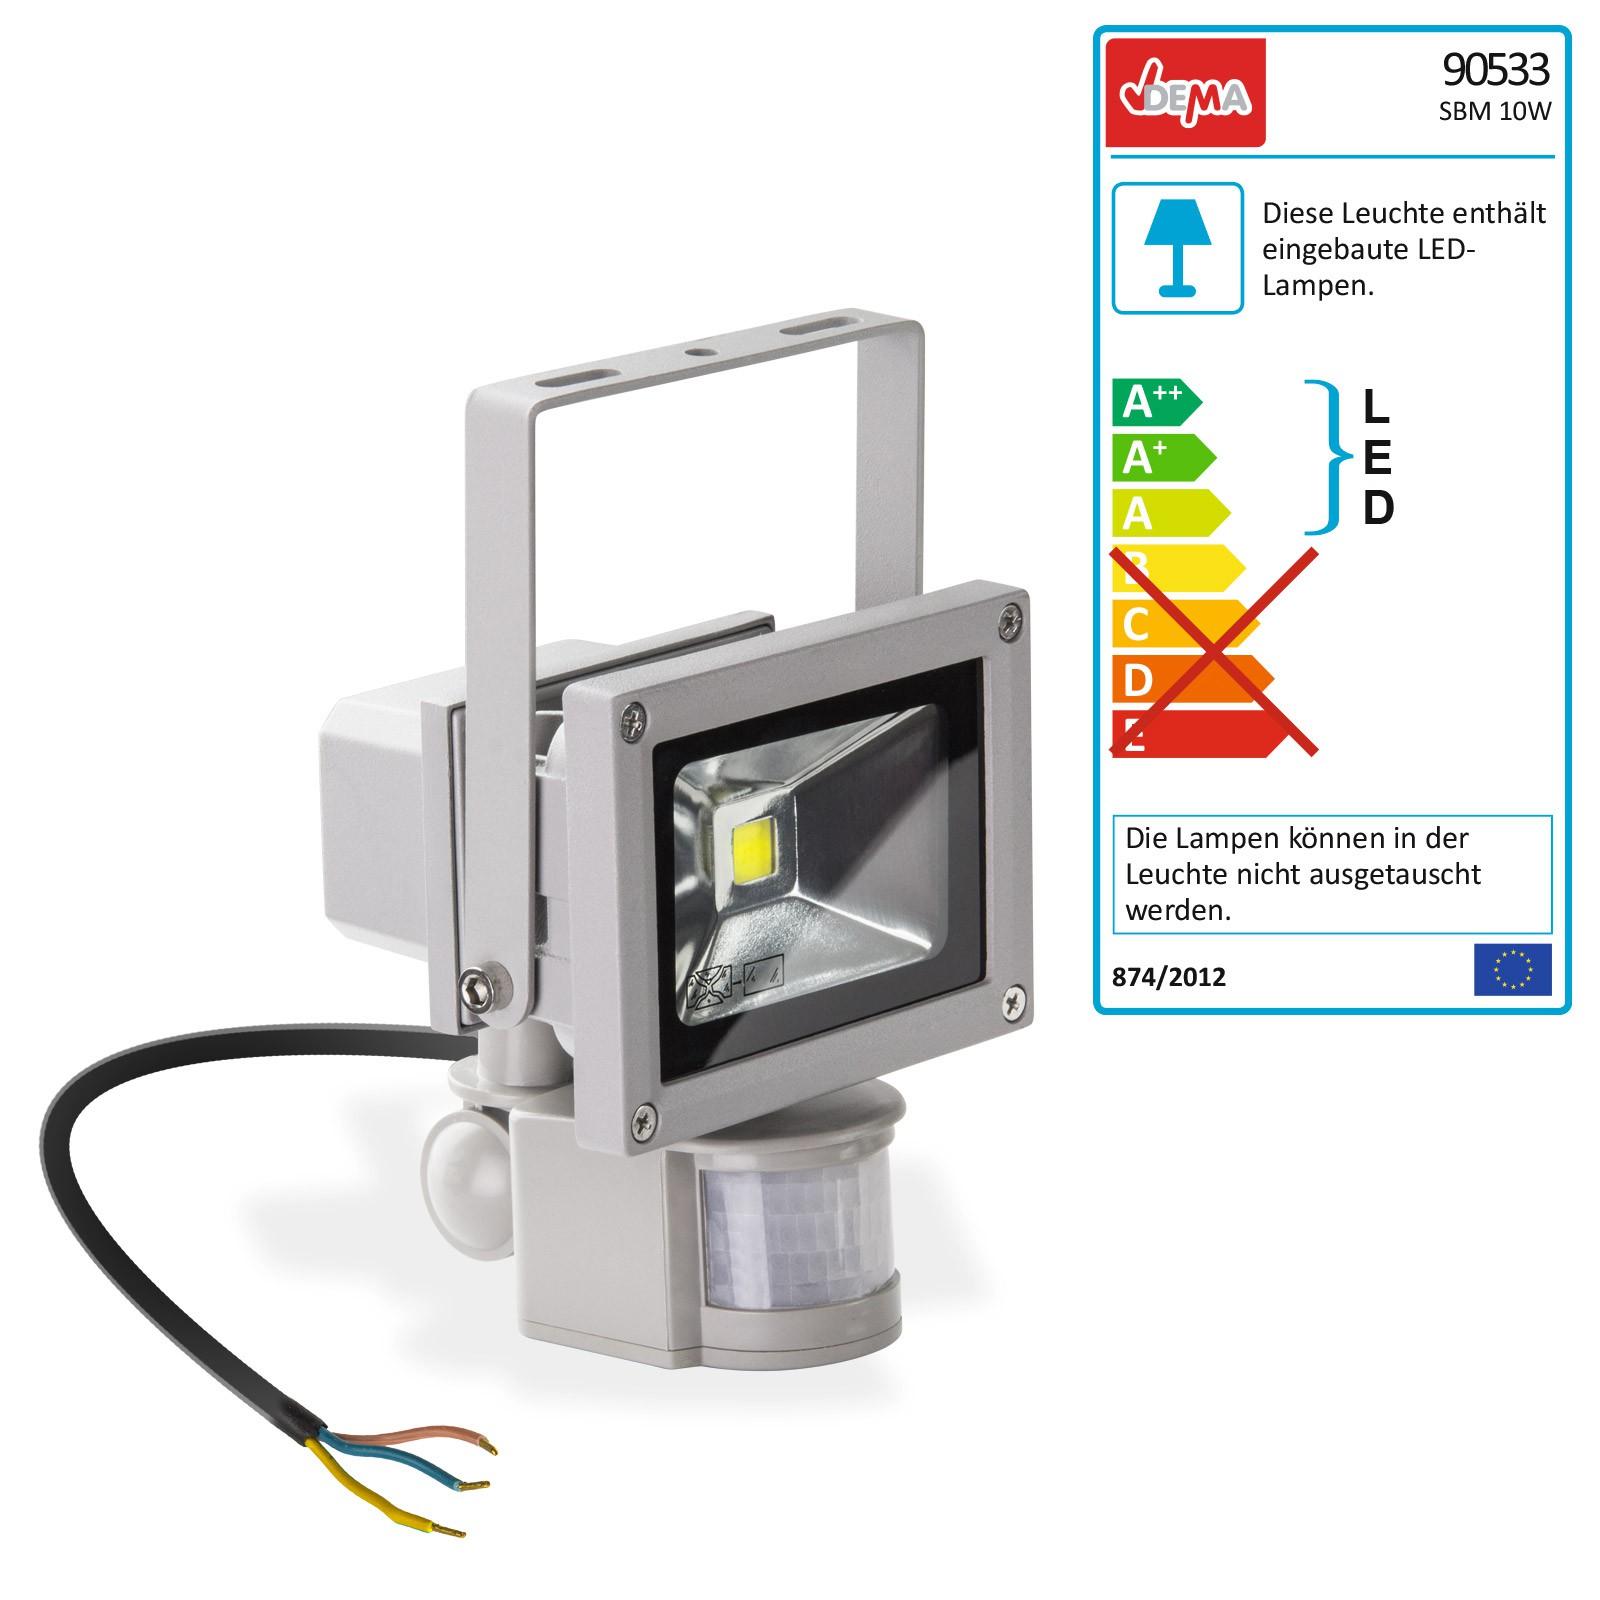 LED-Strahler mit Bewegungsmelder Flutlichtstrahler Hoflicht 230 V / 10 W